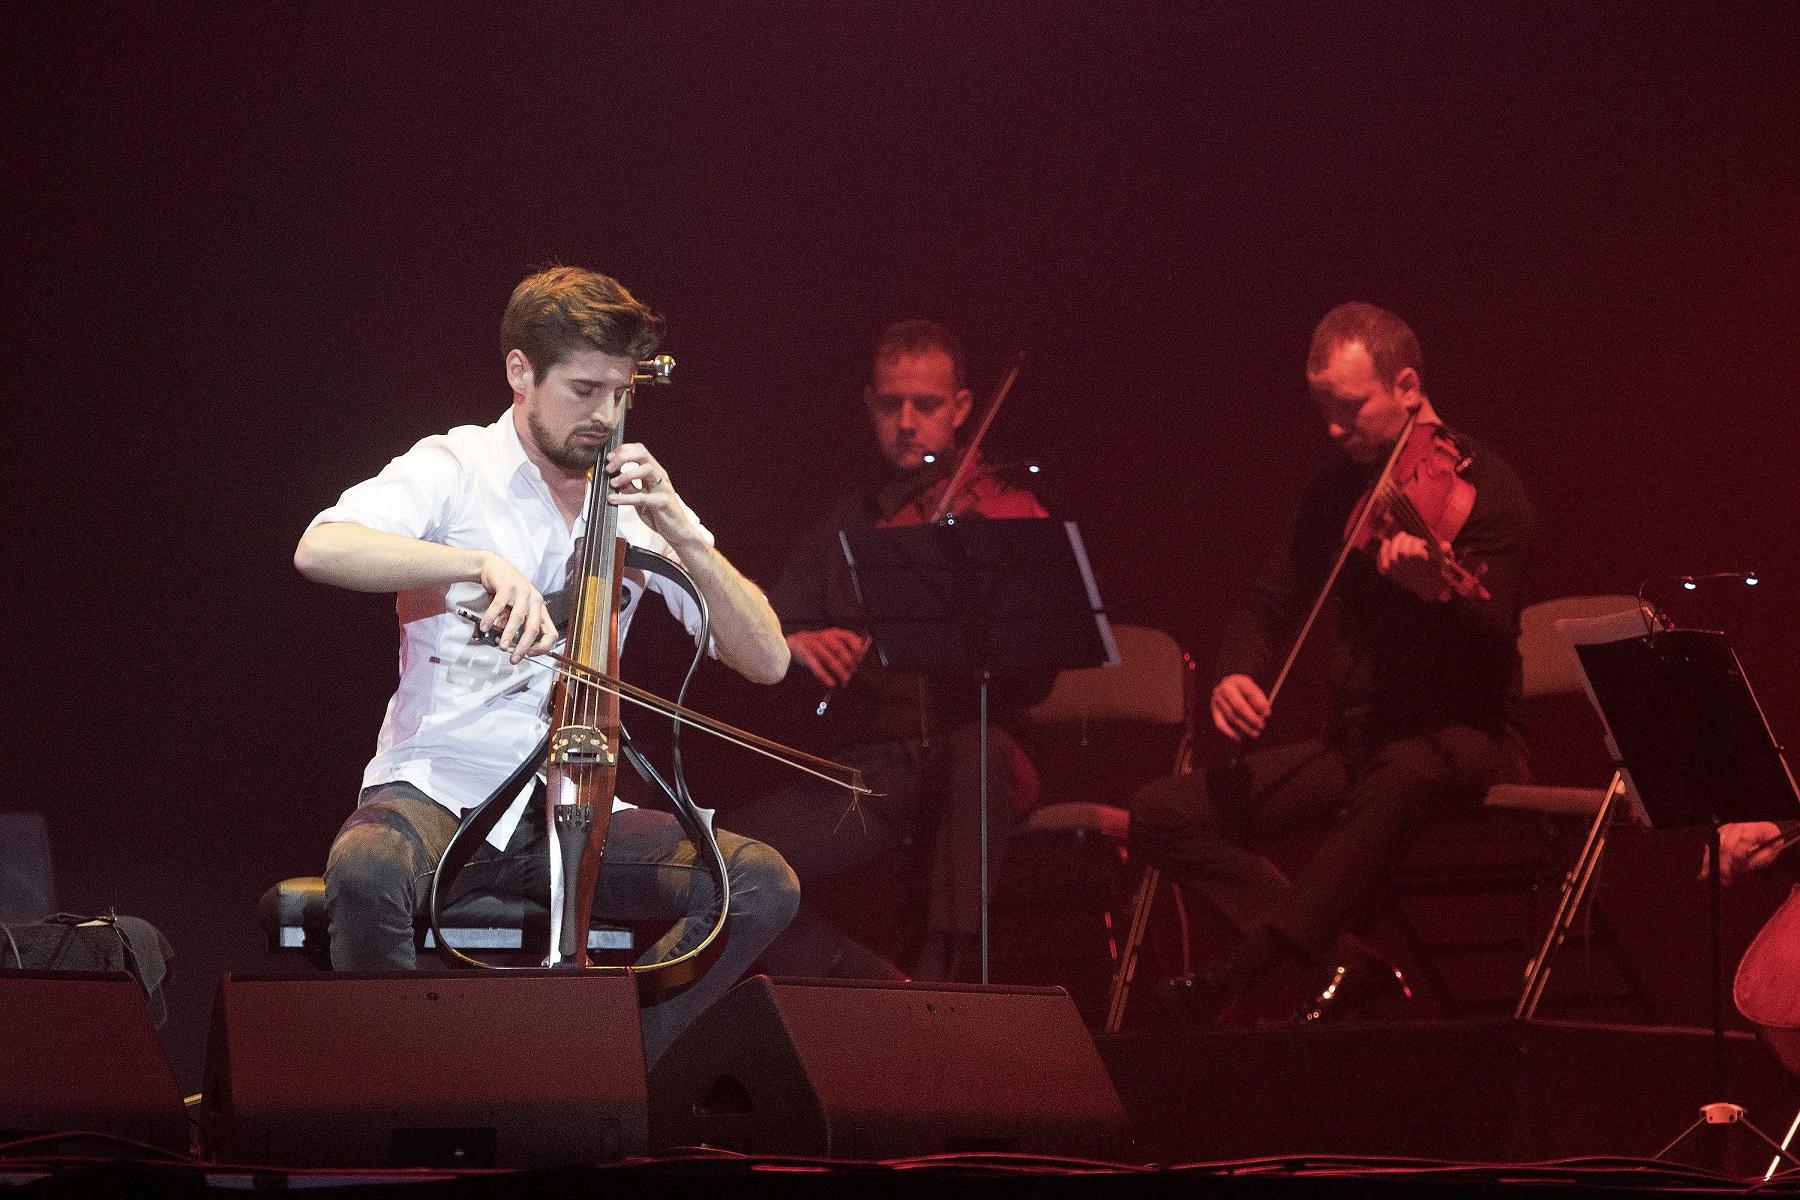 Split,160318. 2Cellos, Stjepan Hauser i Luka Sulic u sklopu svjetske turneje Score odrzali koncert u Spaladium Areni.  Na fotografiji: Luka Sulic. Foto: Mario Todoric / CROPIX